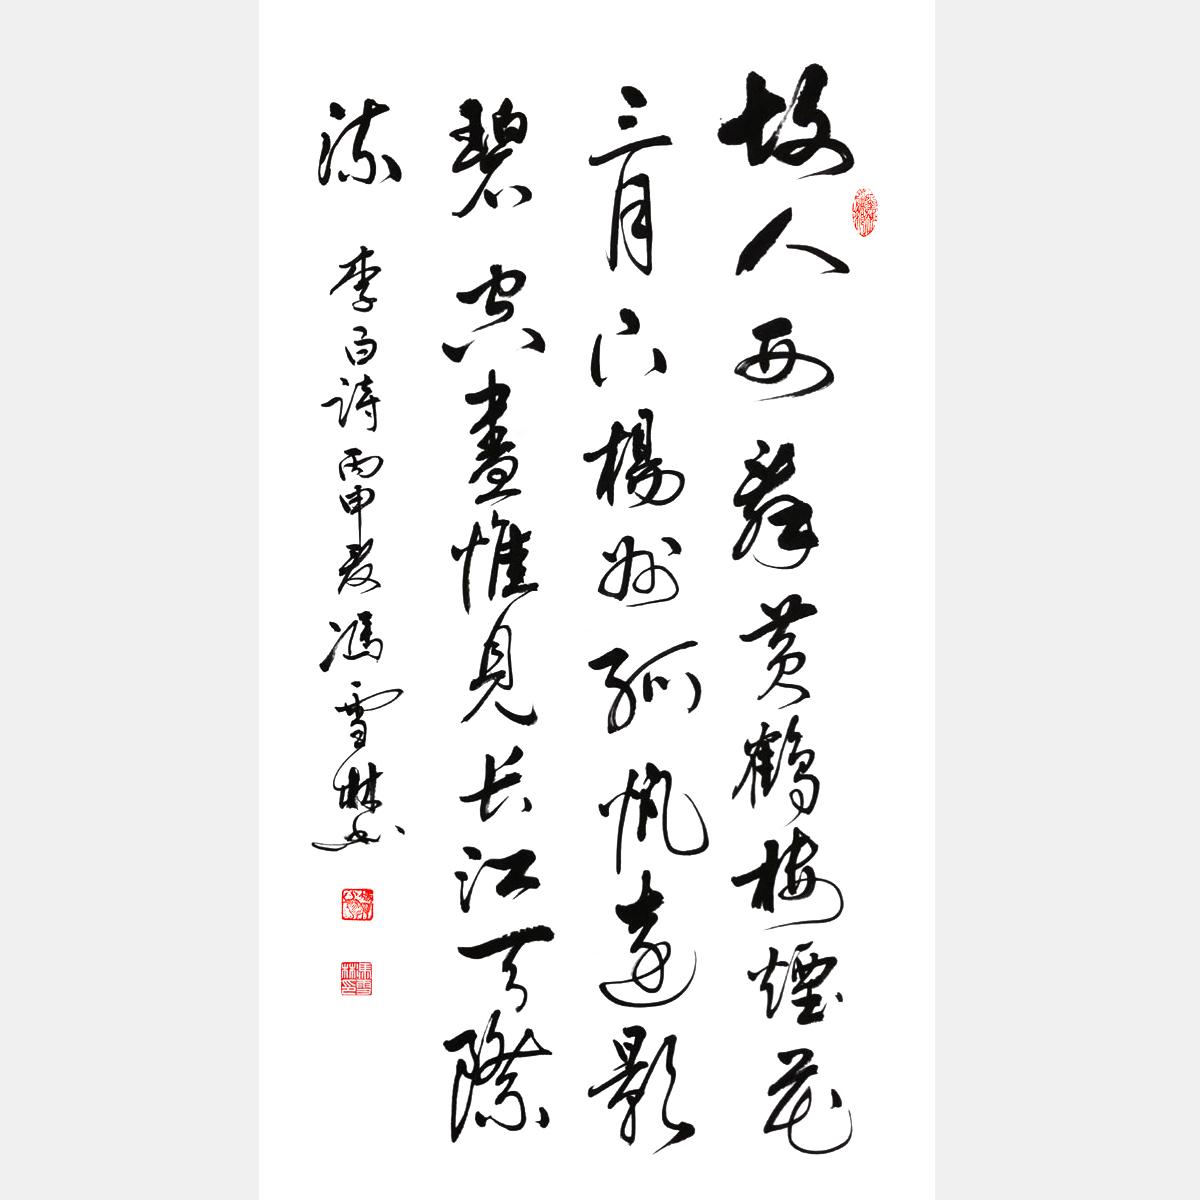 冯雪林行书作品 李白名篇《黄鹤楼送孟浩然之广陵》